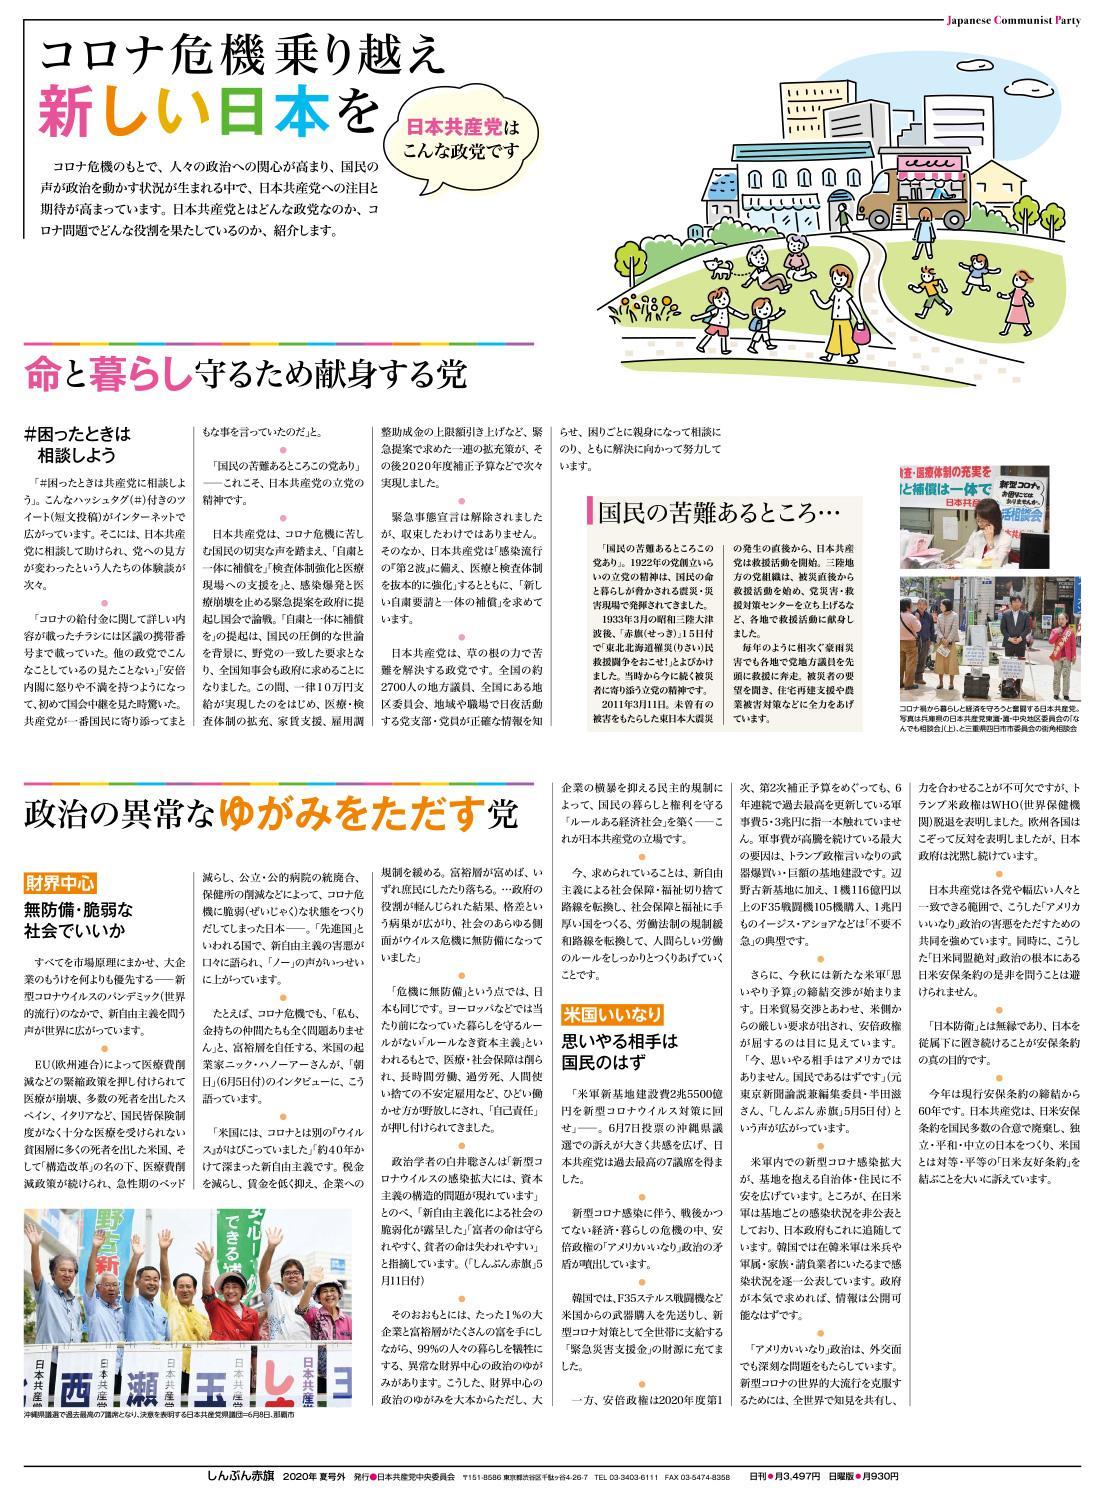 コロナ危機乗り越え 新しい日本を 日本共産党はこんな政党です